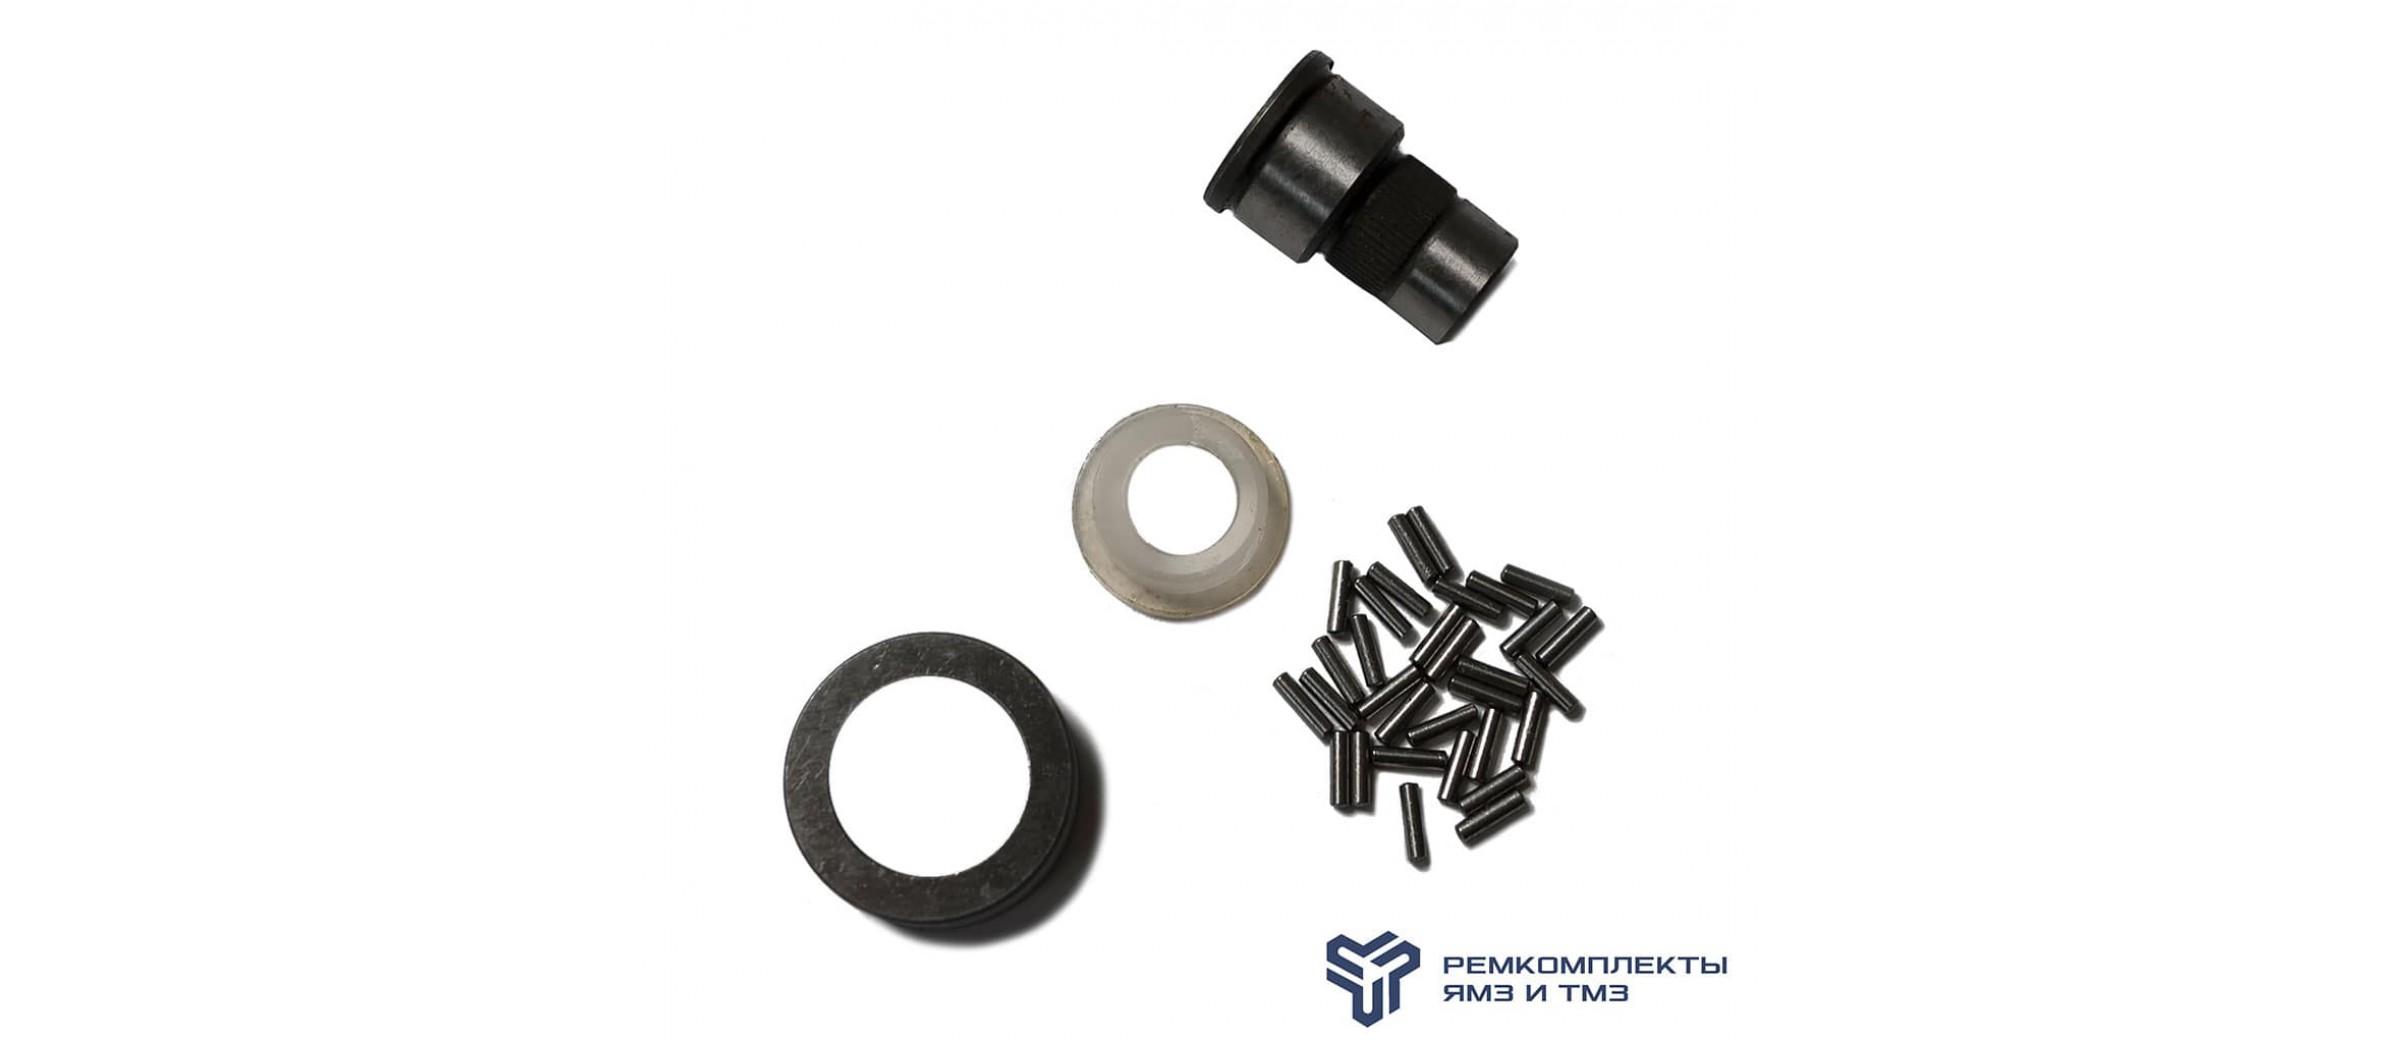 Ремкомплект вилки включения понижающей передачи КПП-238ВМ,239 (1 подшипник)